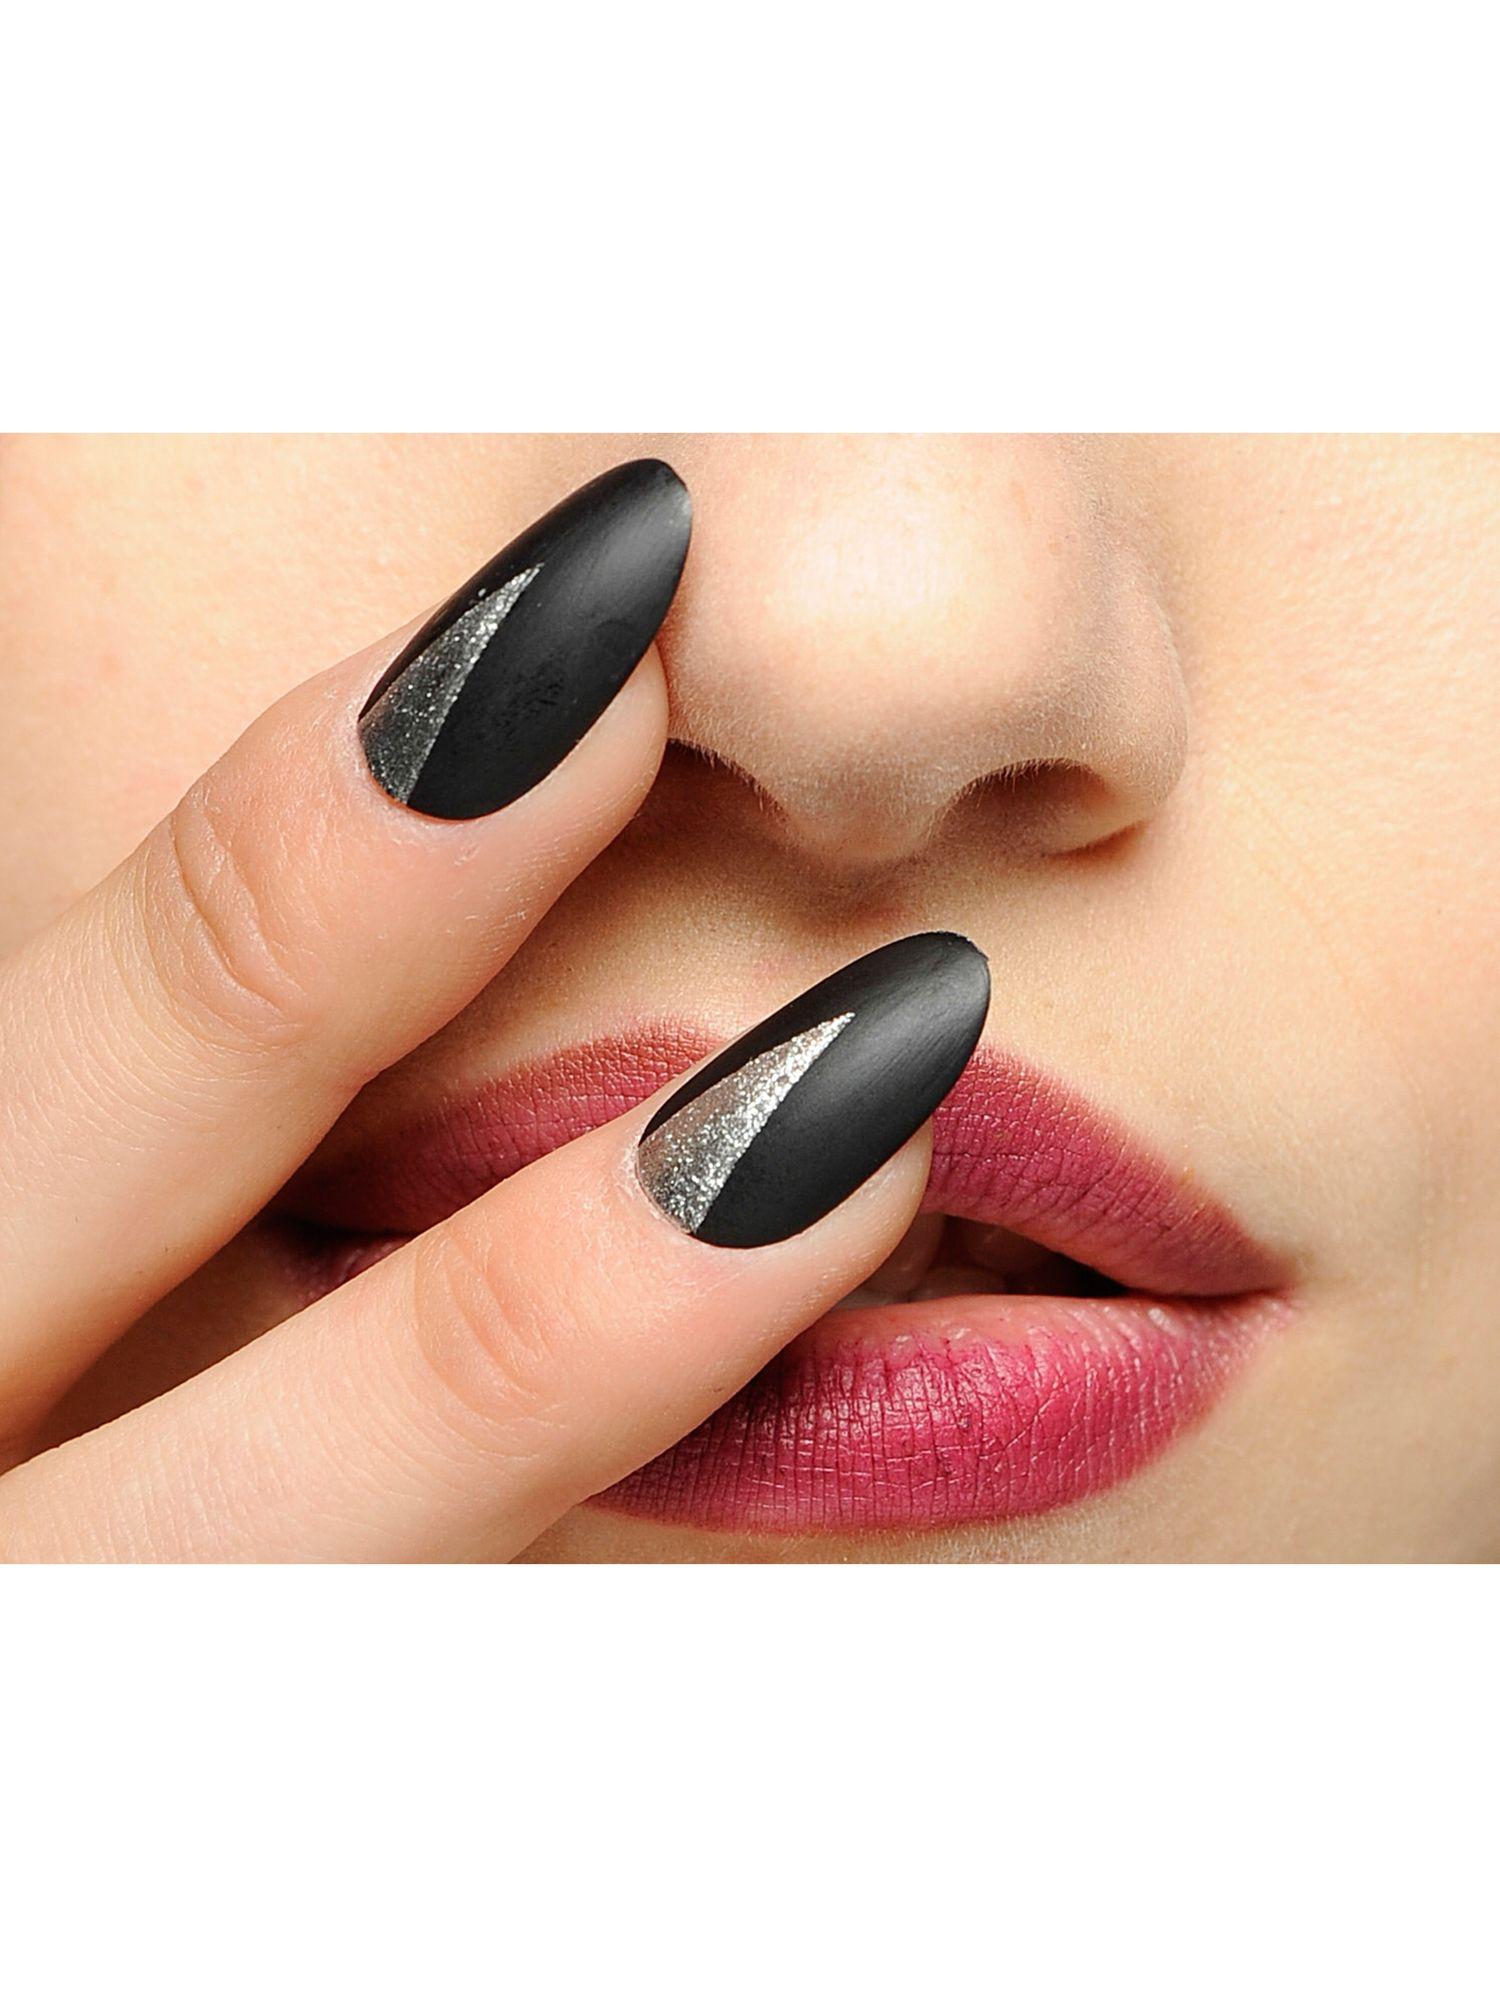 Vagina-Nägel sind der neueste Beauty-Trend – so krass sehen sie aus ...